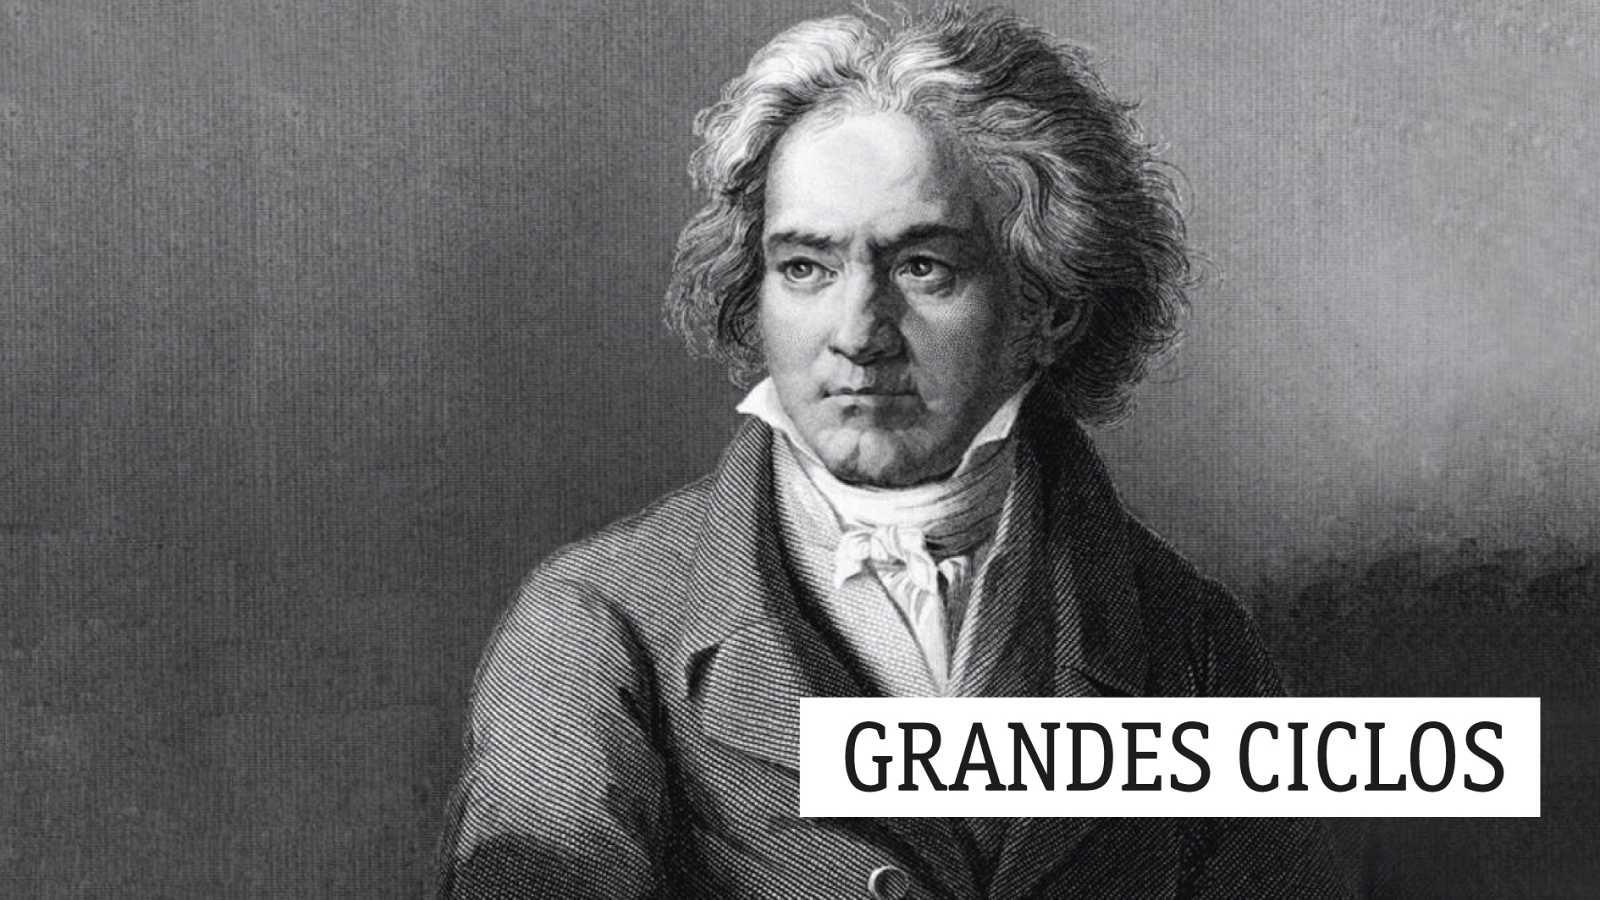 Grandes ciclos - L. van Beethoven (XCV): Fidelio (III): Con las tropas francesas sobre Viena - 29/06/20 - escuchar ahora